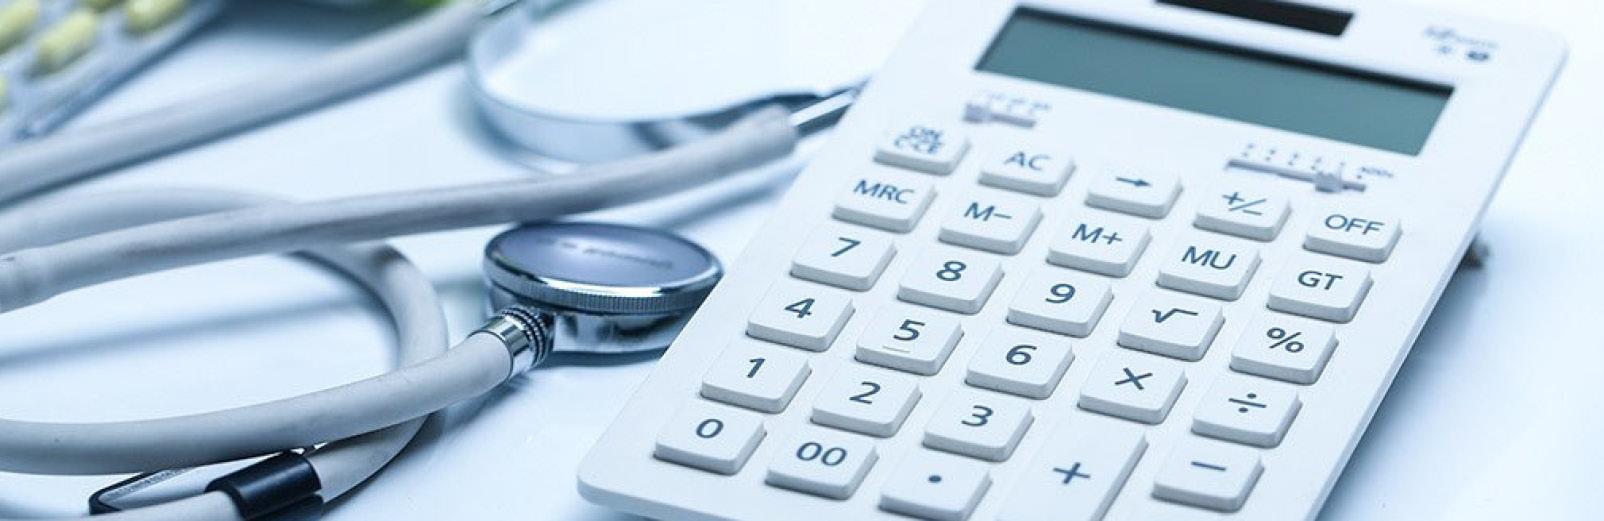 Como declarar recebimento de consulta médica?